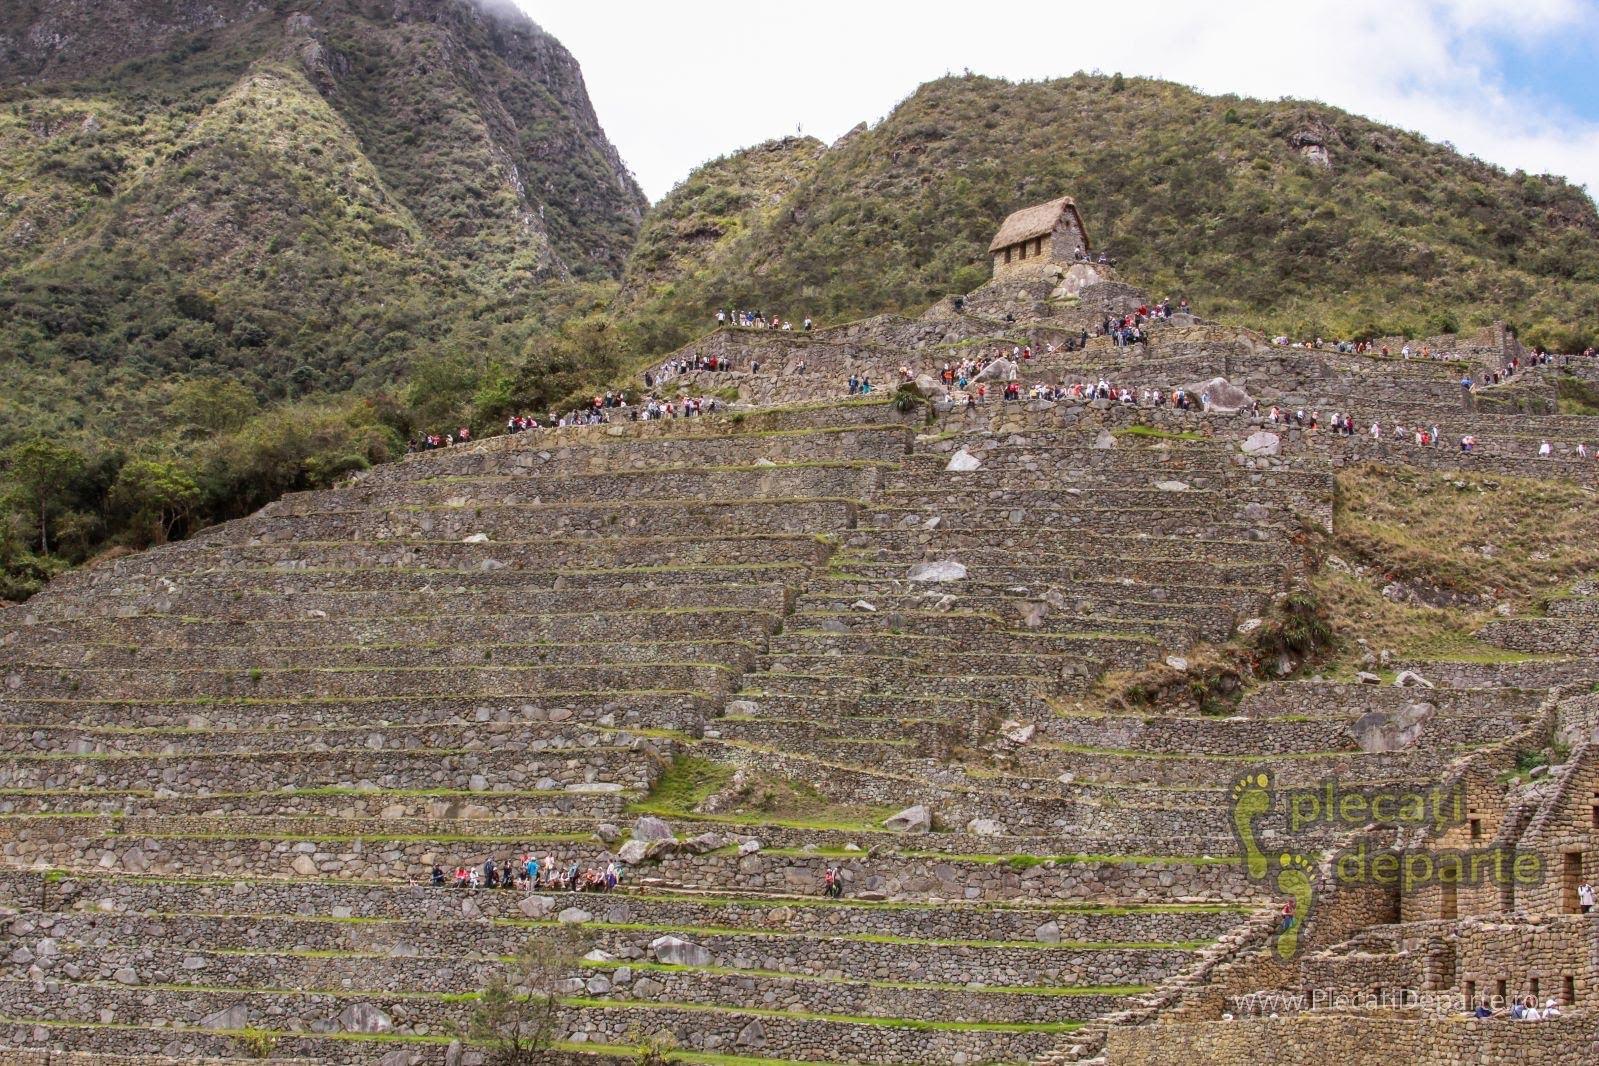 terase agricole la Machu Picchu, in Peru